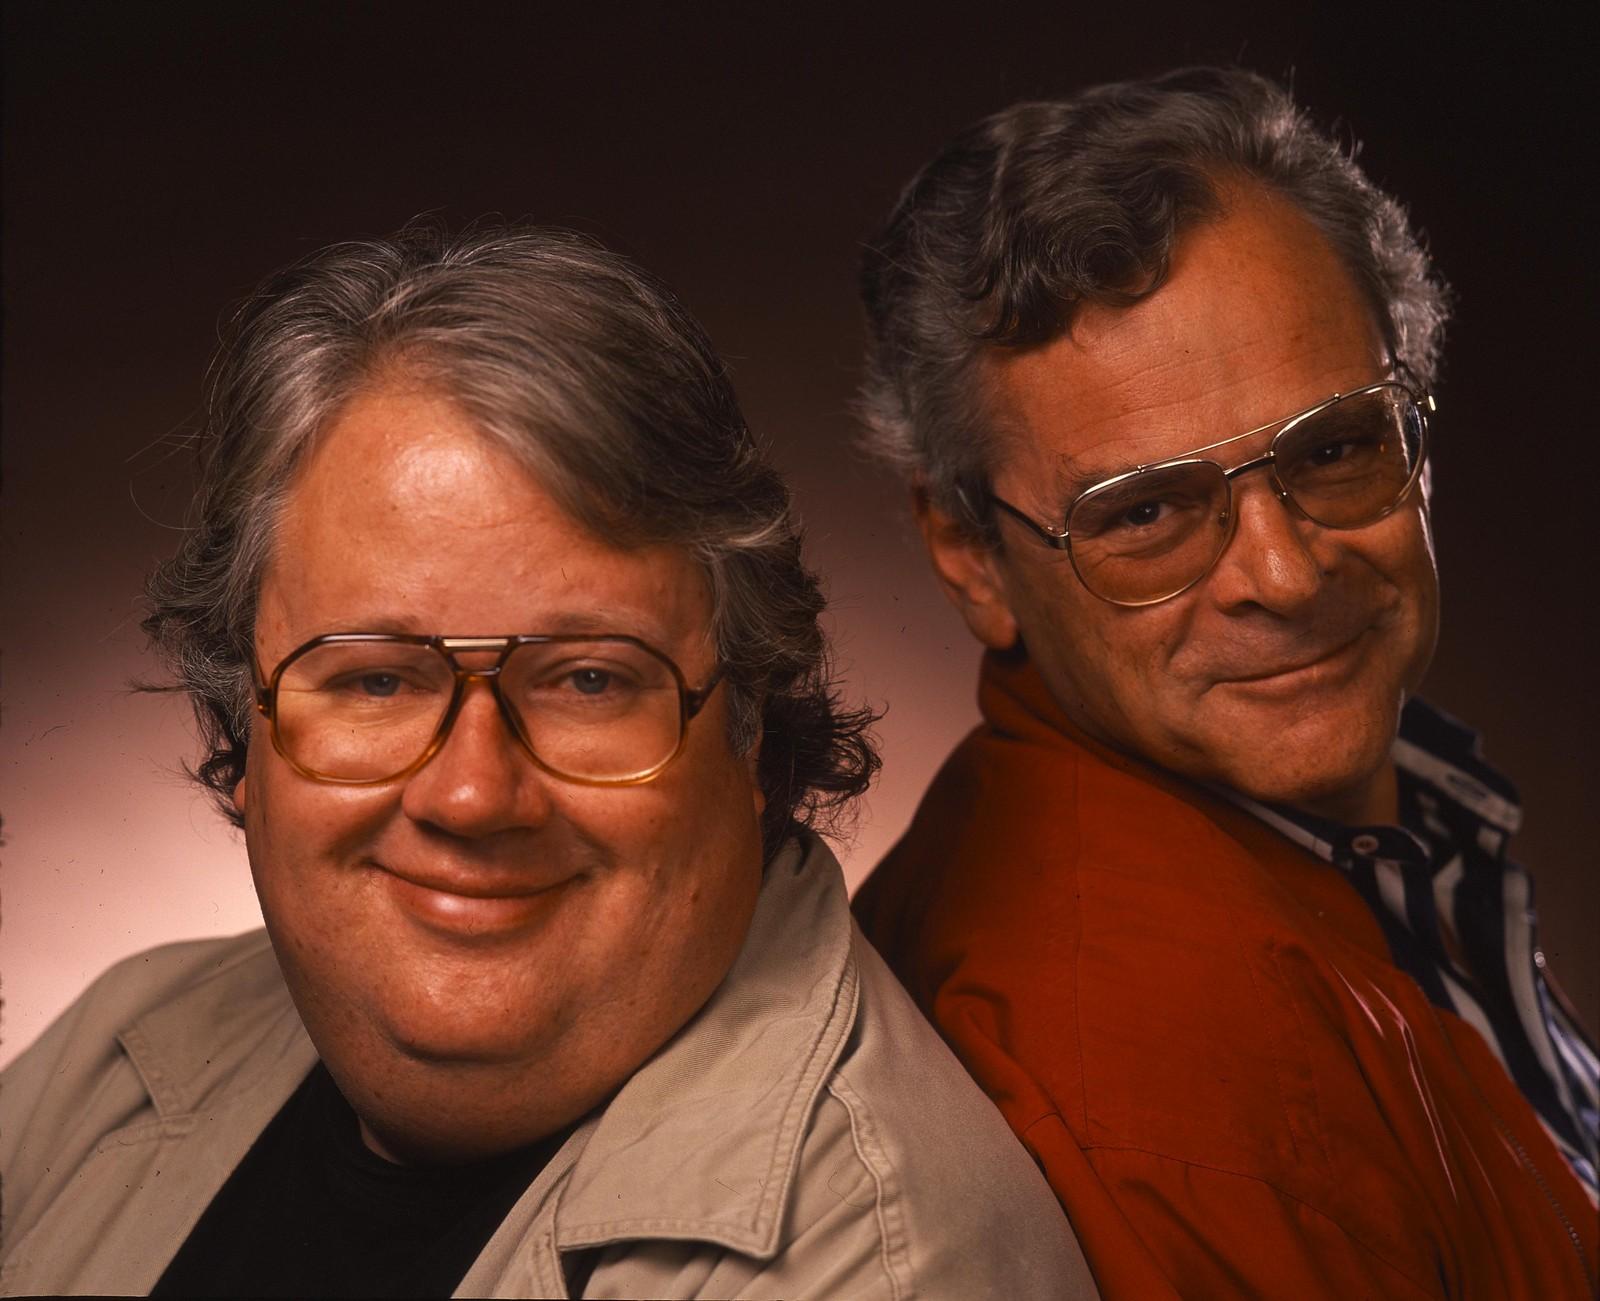 Programmet Borgulfsen ble ledet av Knut Borge og Torkjell Berulfsen. 1990